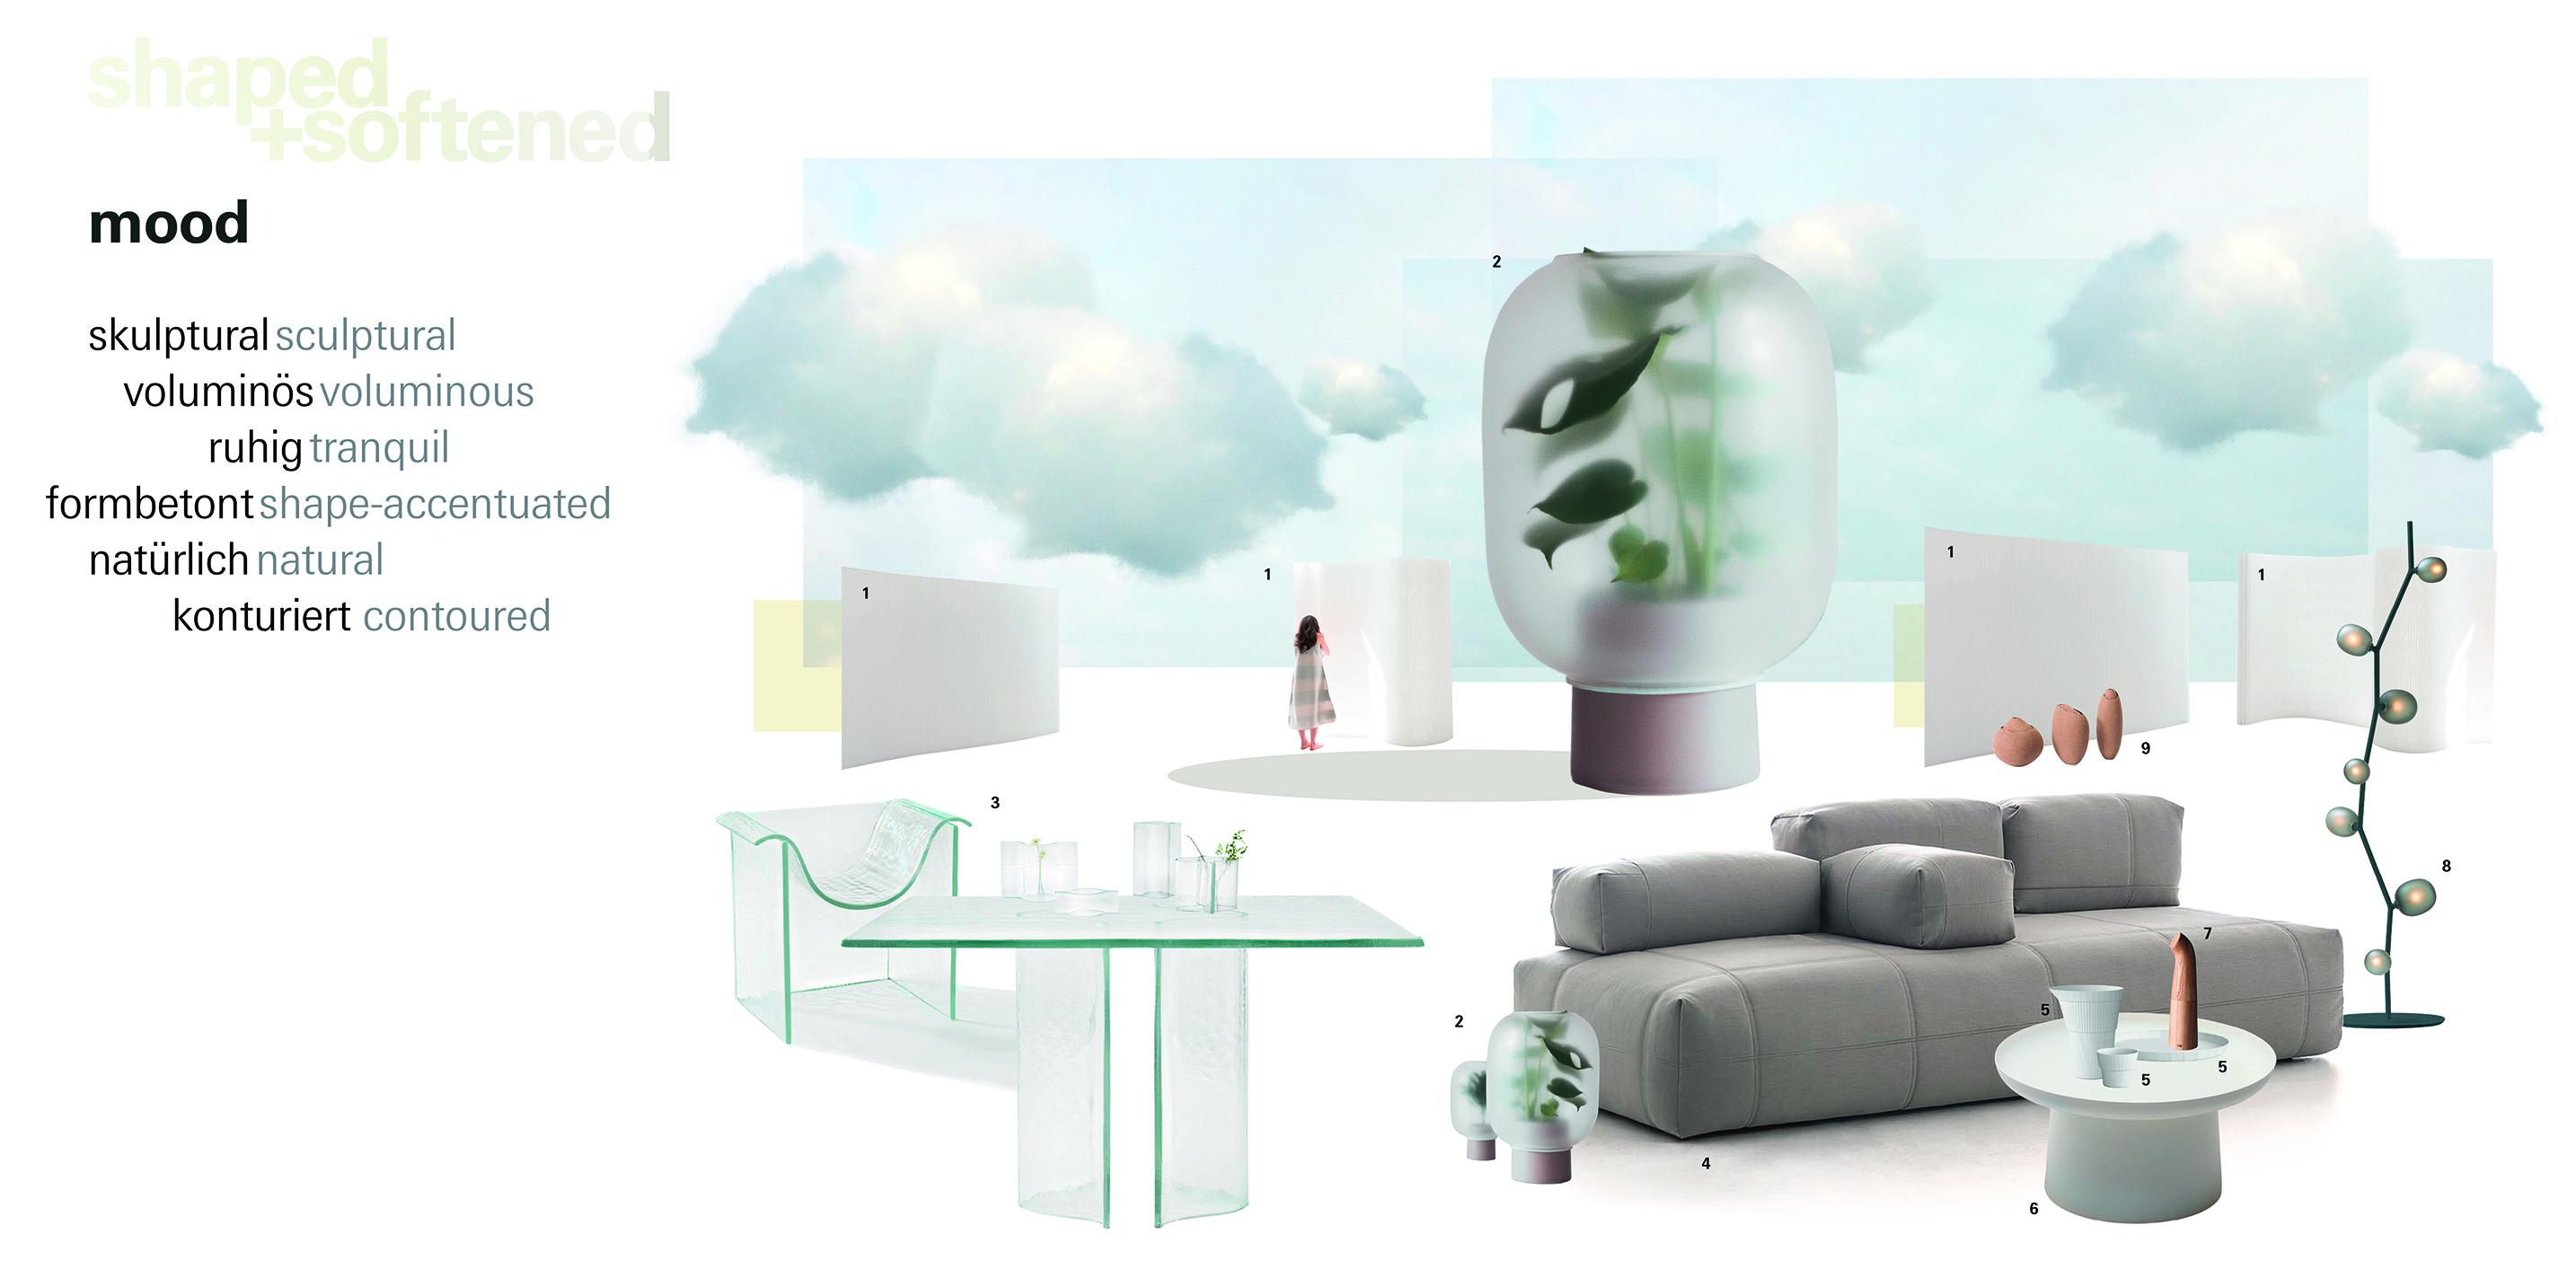 Ambiente-Trends2020-mood-collagen-s-s